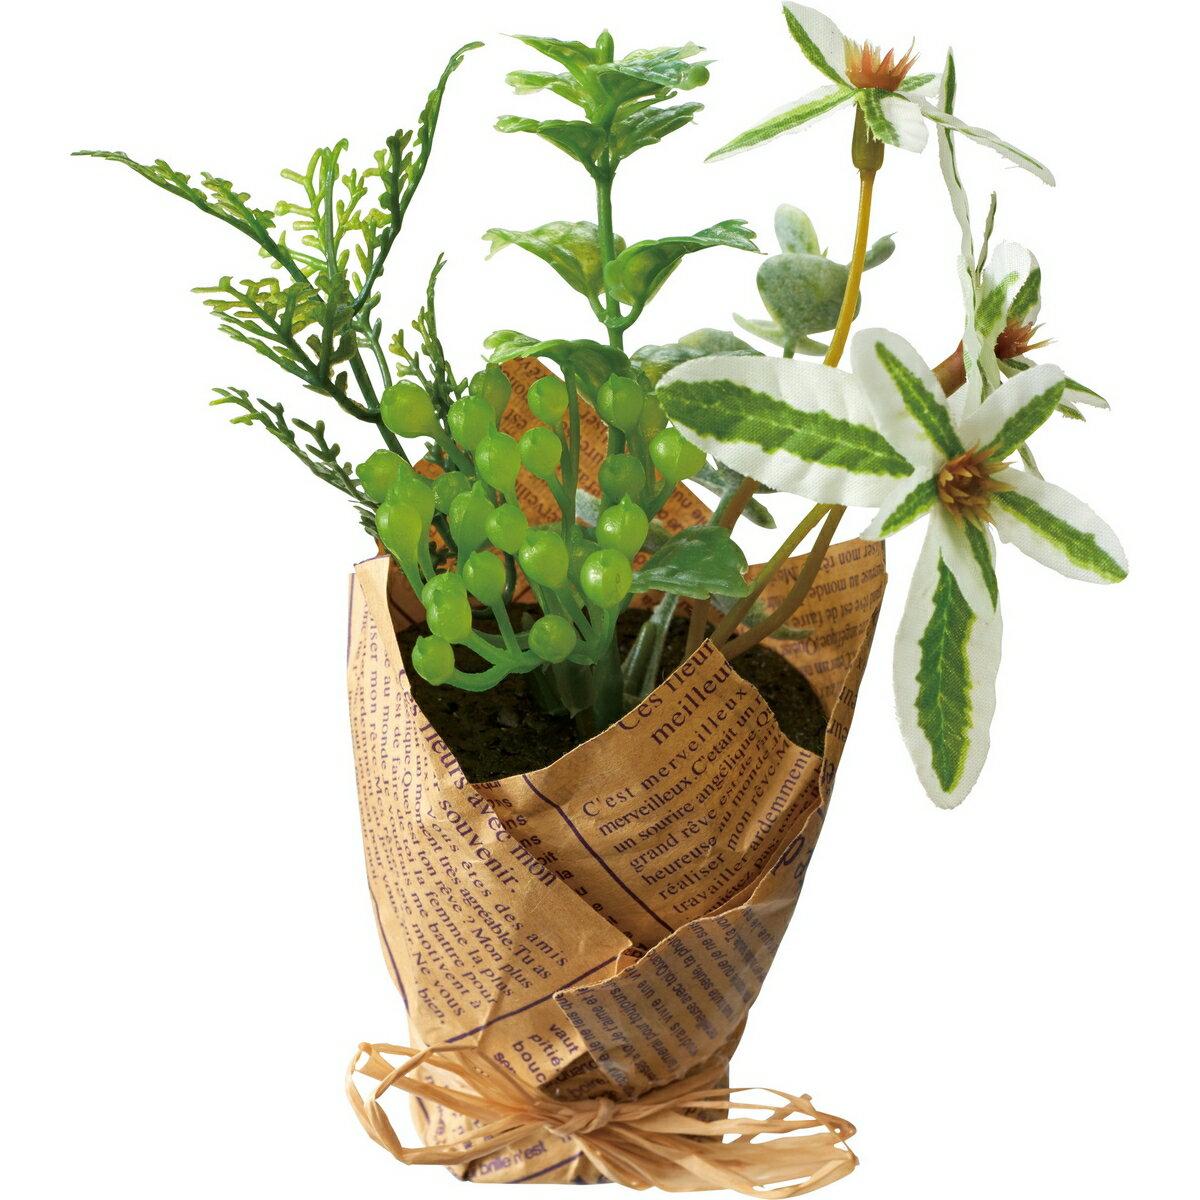 【造花】YDM/グリーンポットハーブミックス ホワイトグリーン/GLA-1414-WGR【01】【取寄】《 造花(アーティフィシャルフラワー) 造花ギフト フラワーアレンジ 》